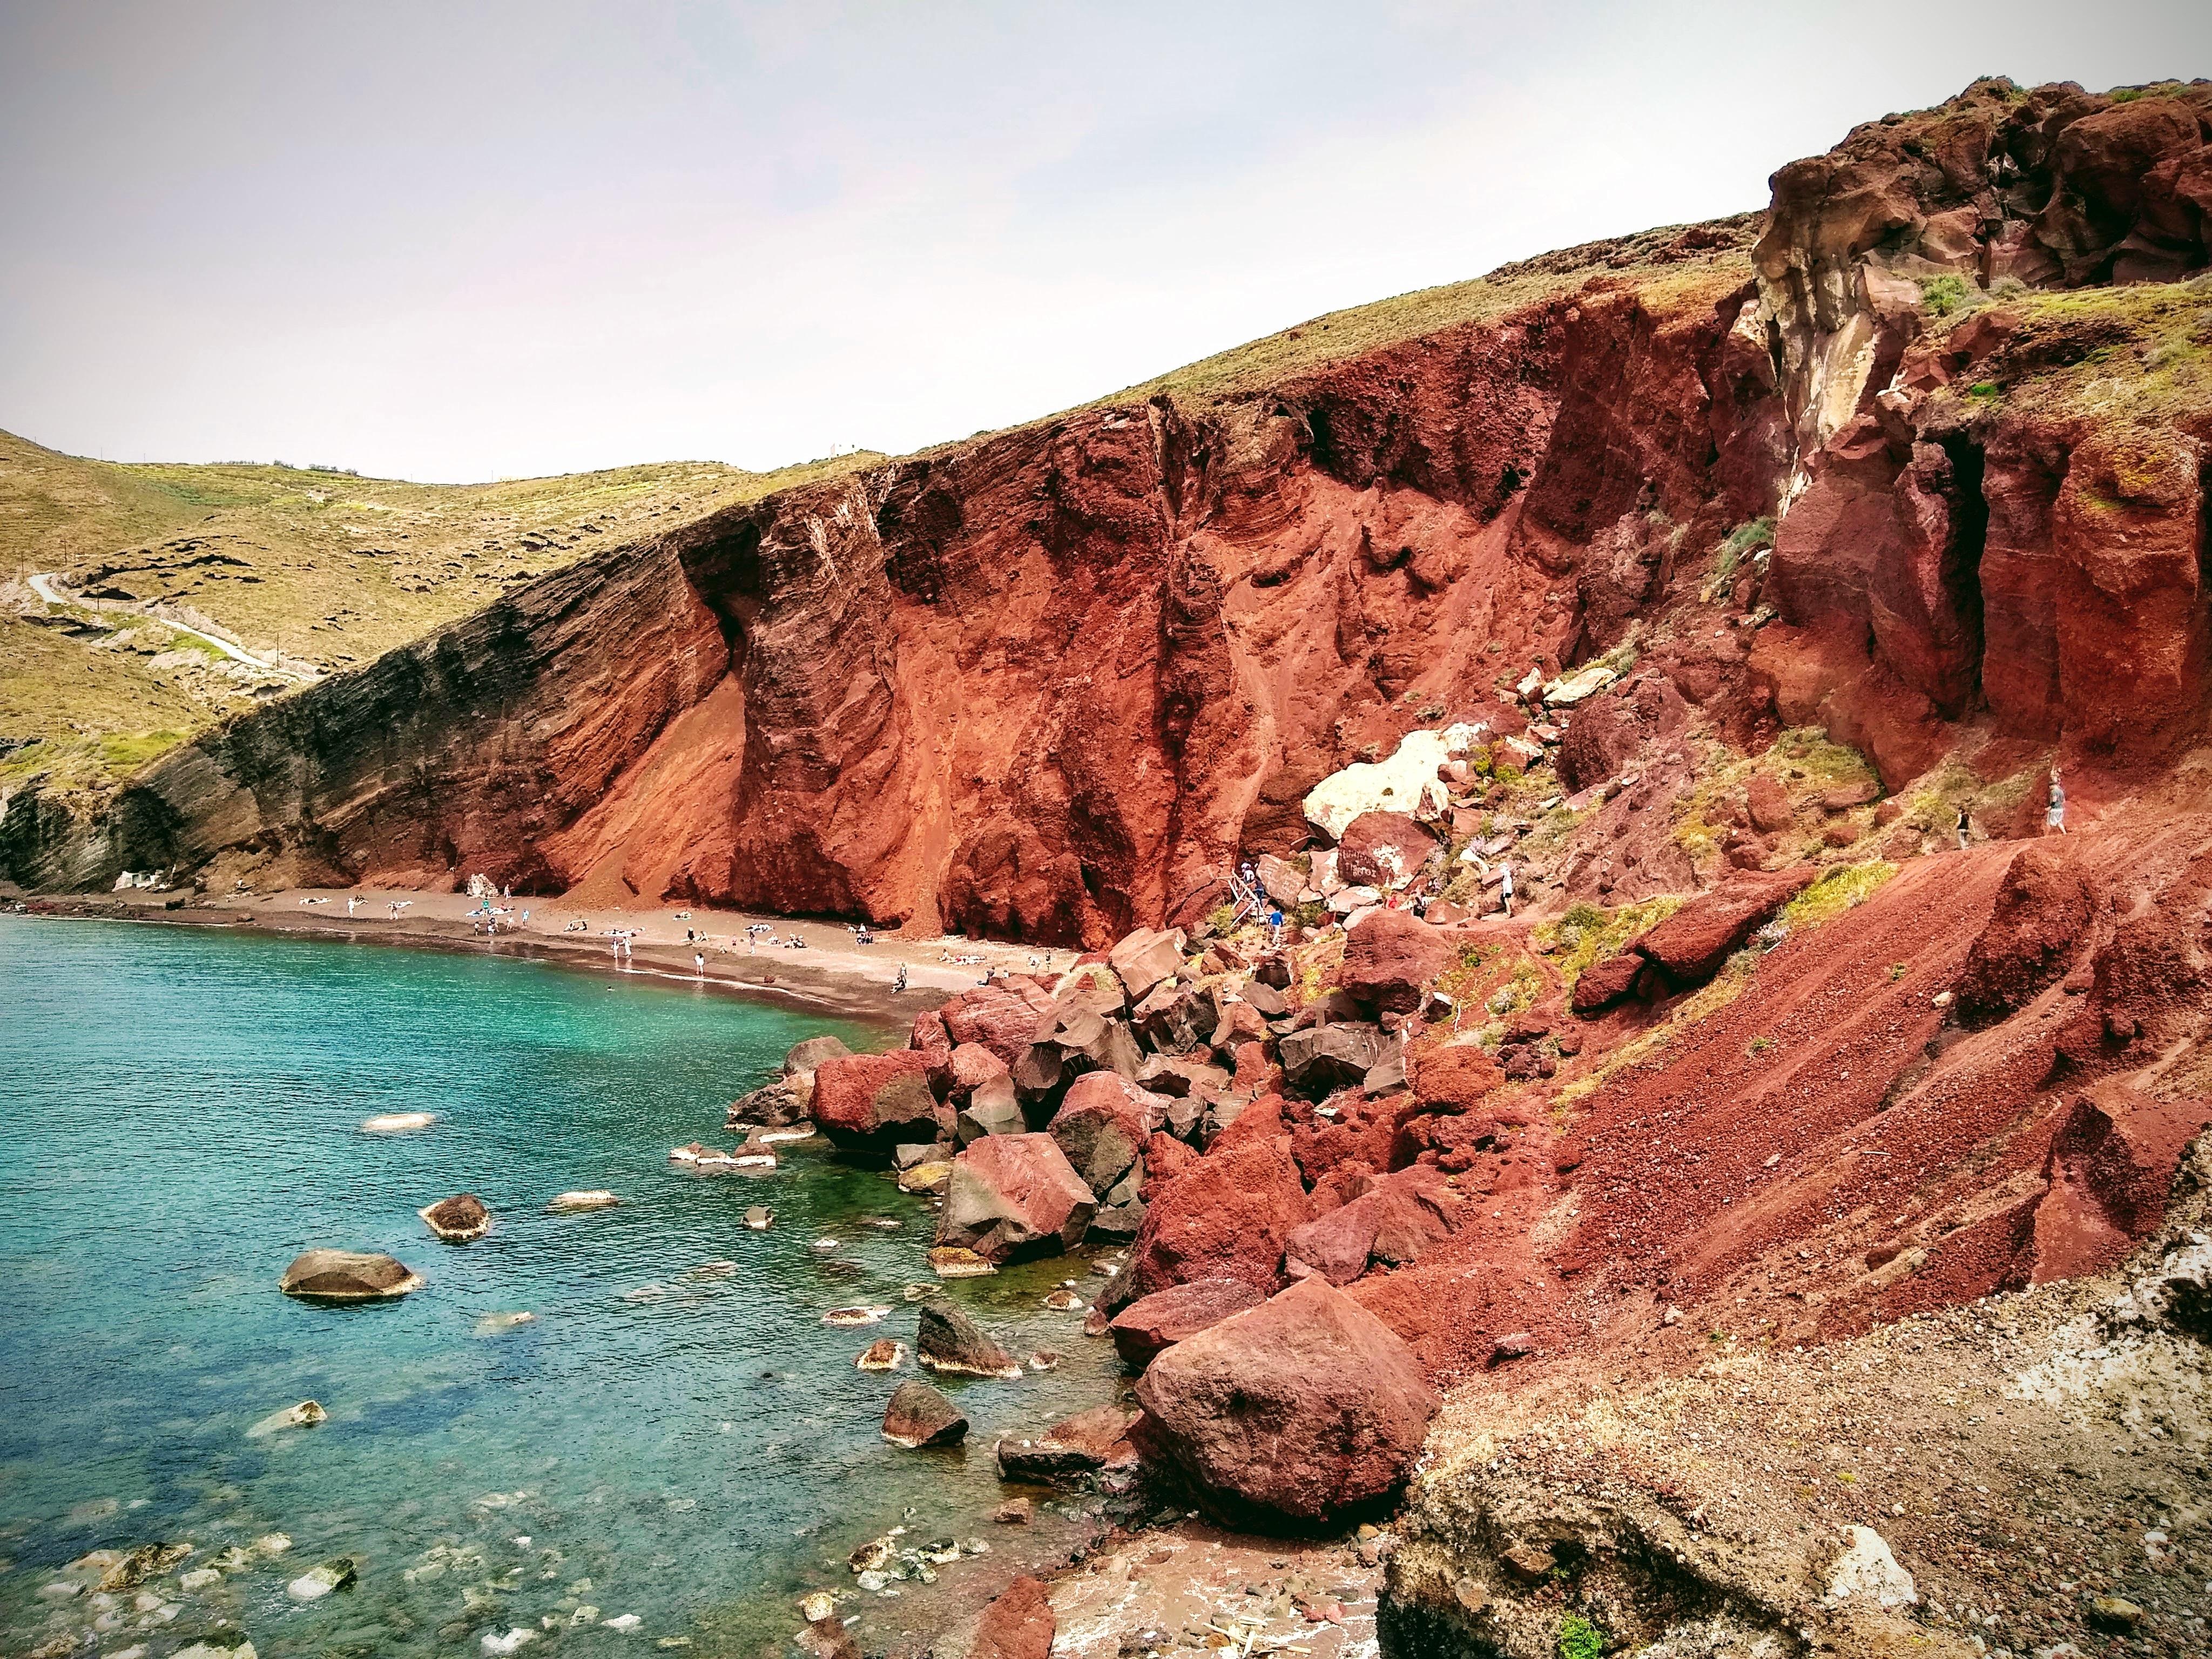 schönster strand, santorin, red beach, empfehlung, nebensaison